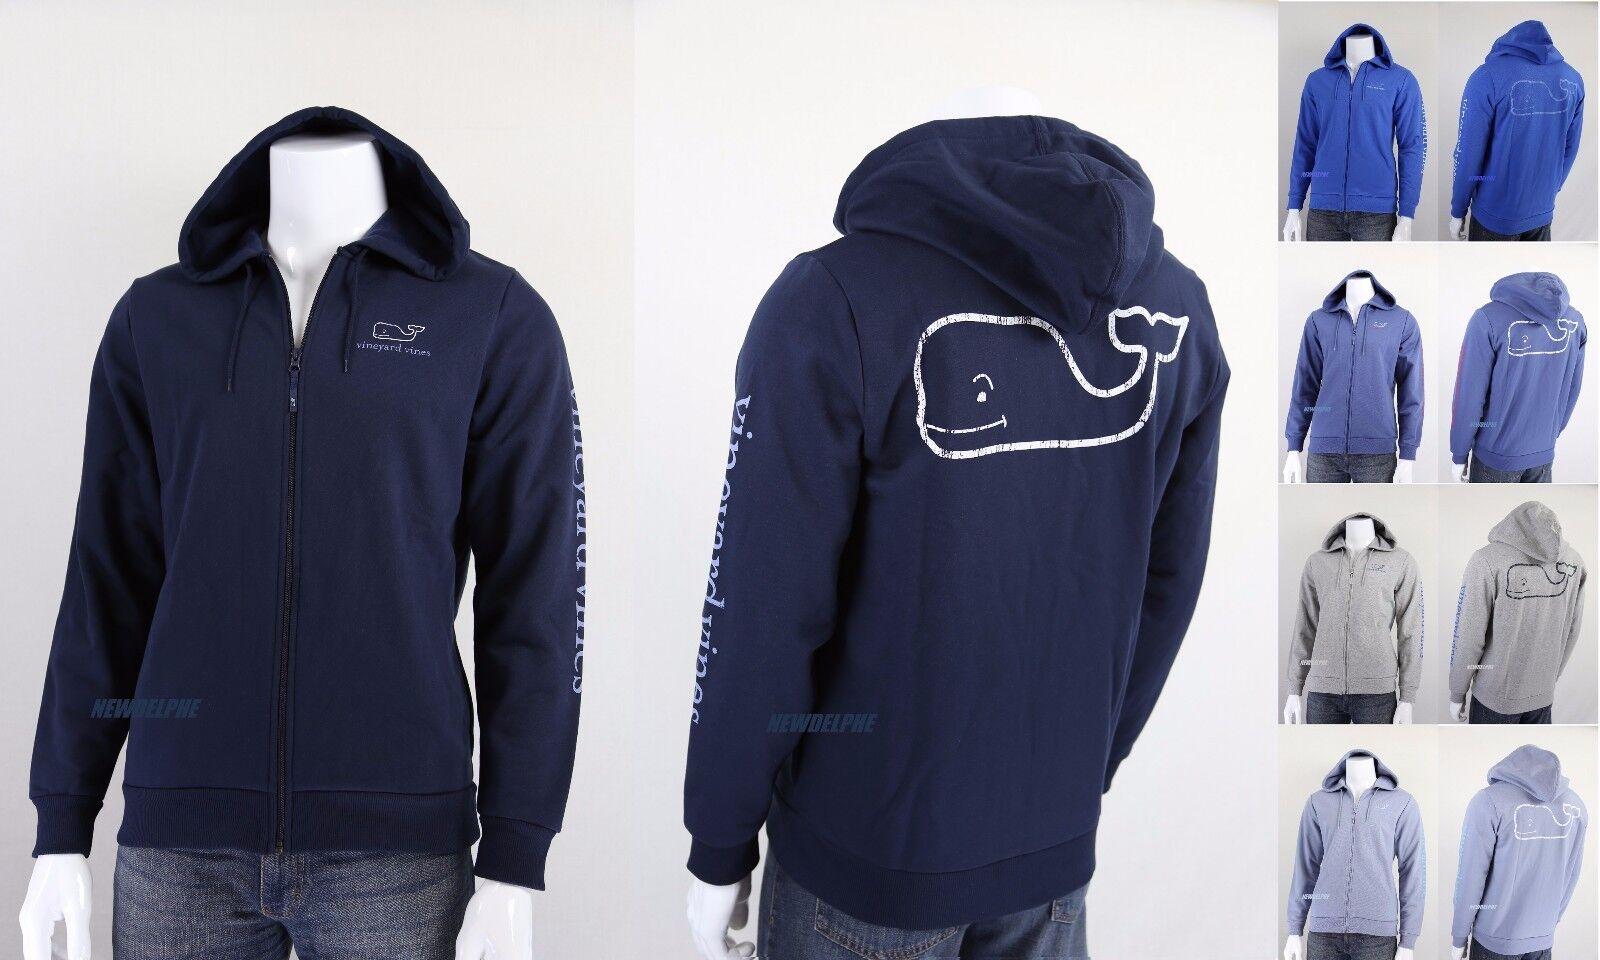 NWT Vineyard Vines Men Full Zip Graphic Big Whale Hoodie MSRP 125.00